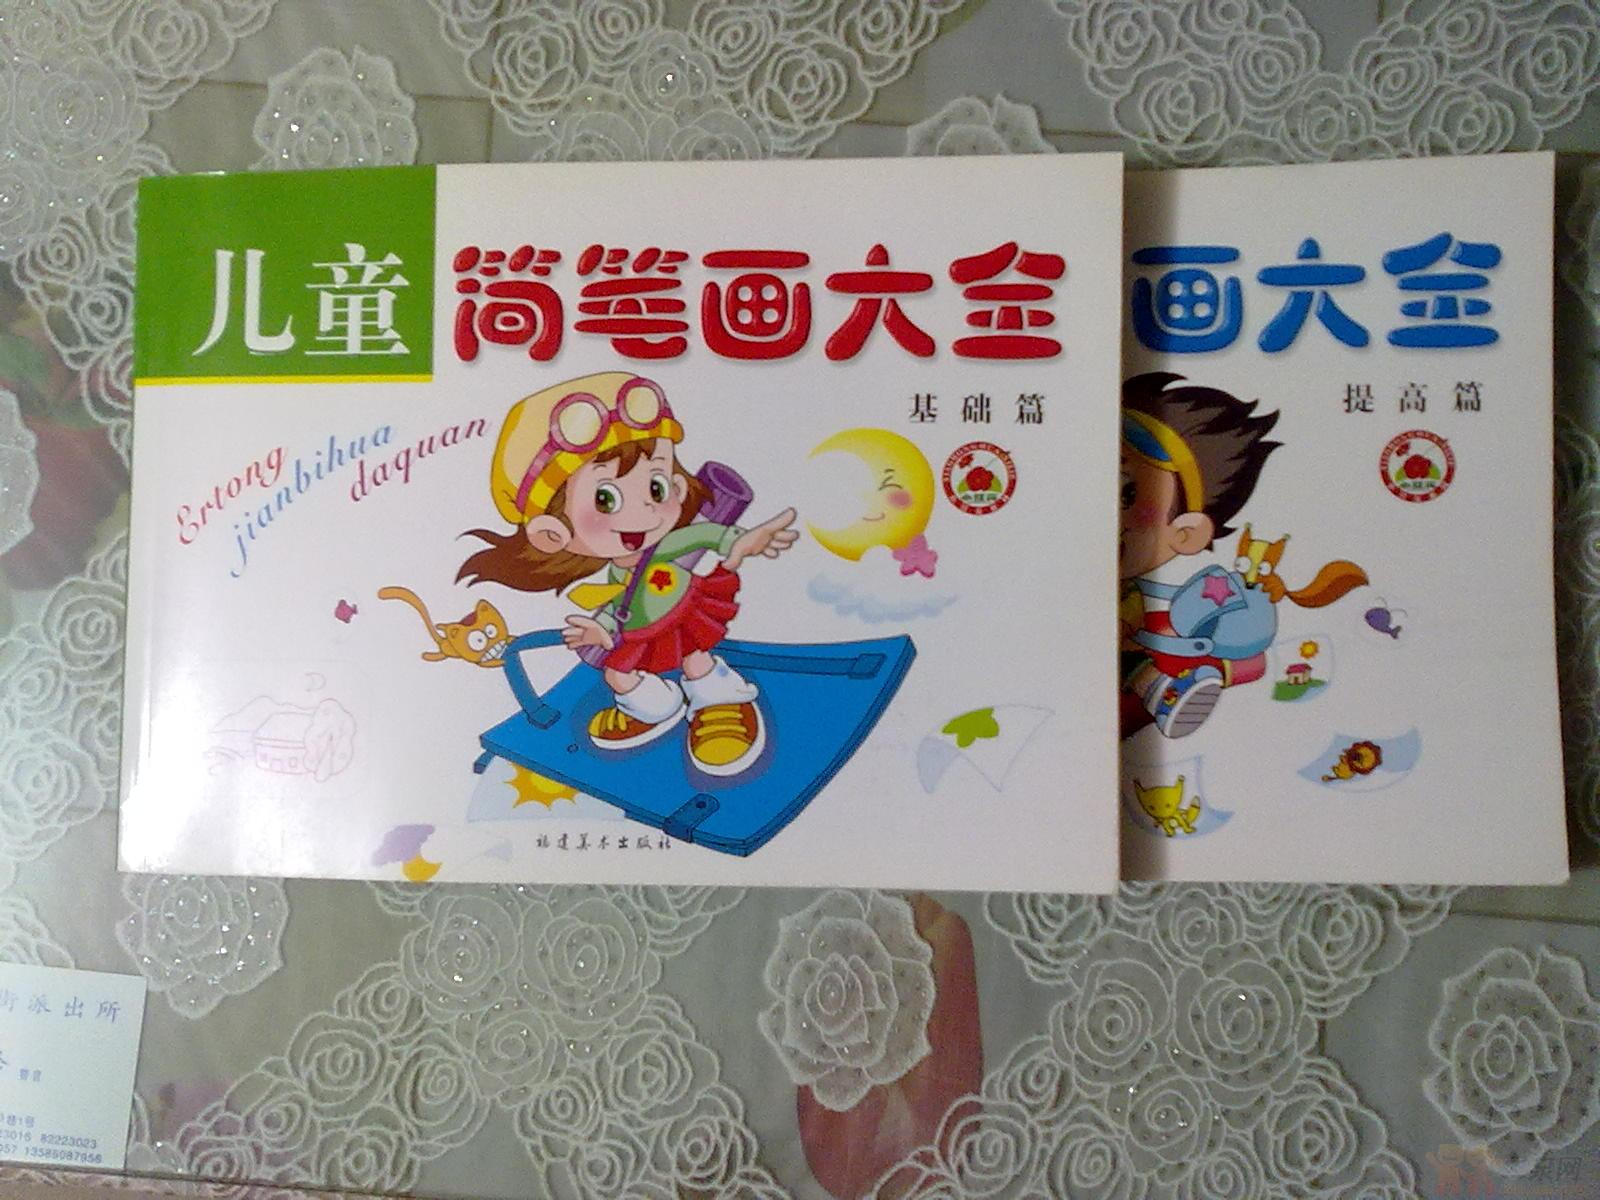 藏族族娃娃简笔画图片大全|简笔画新年娃娃|怎样画简